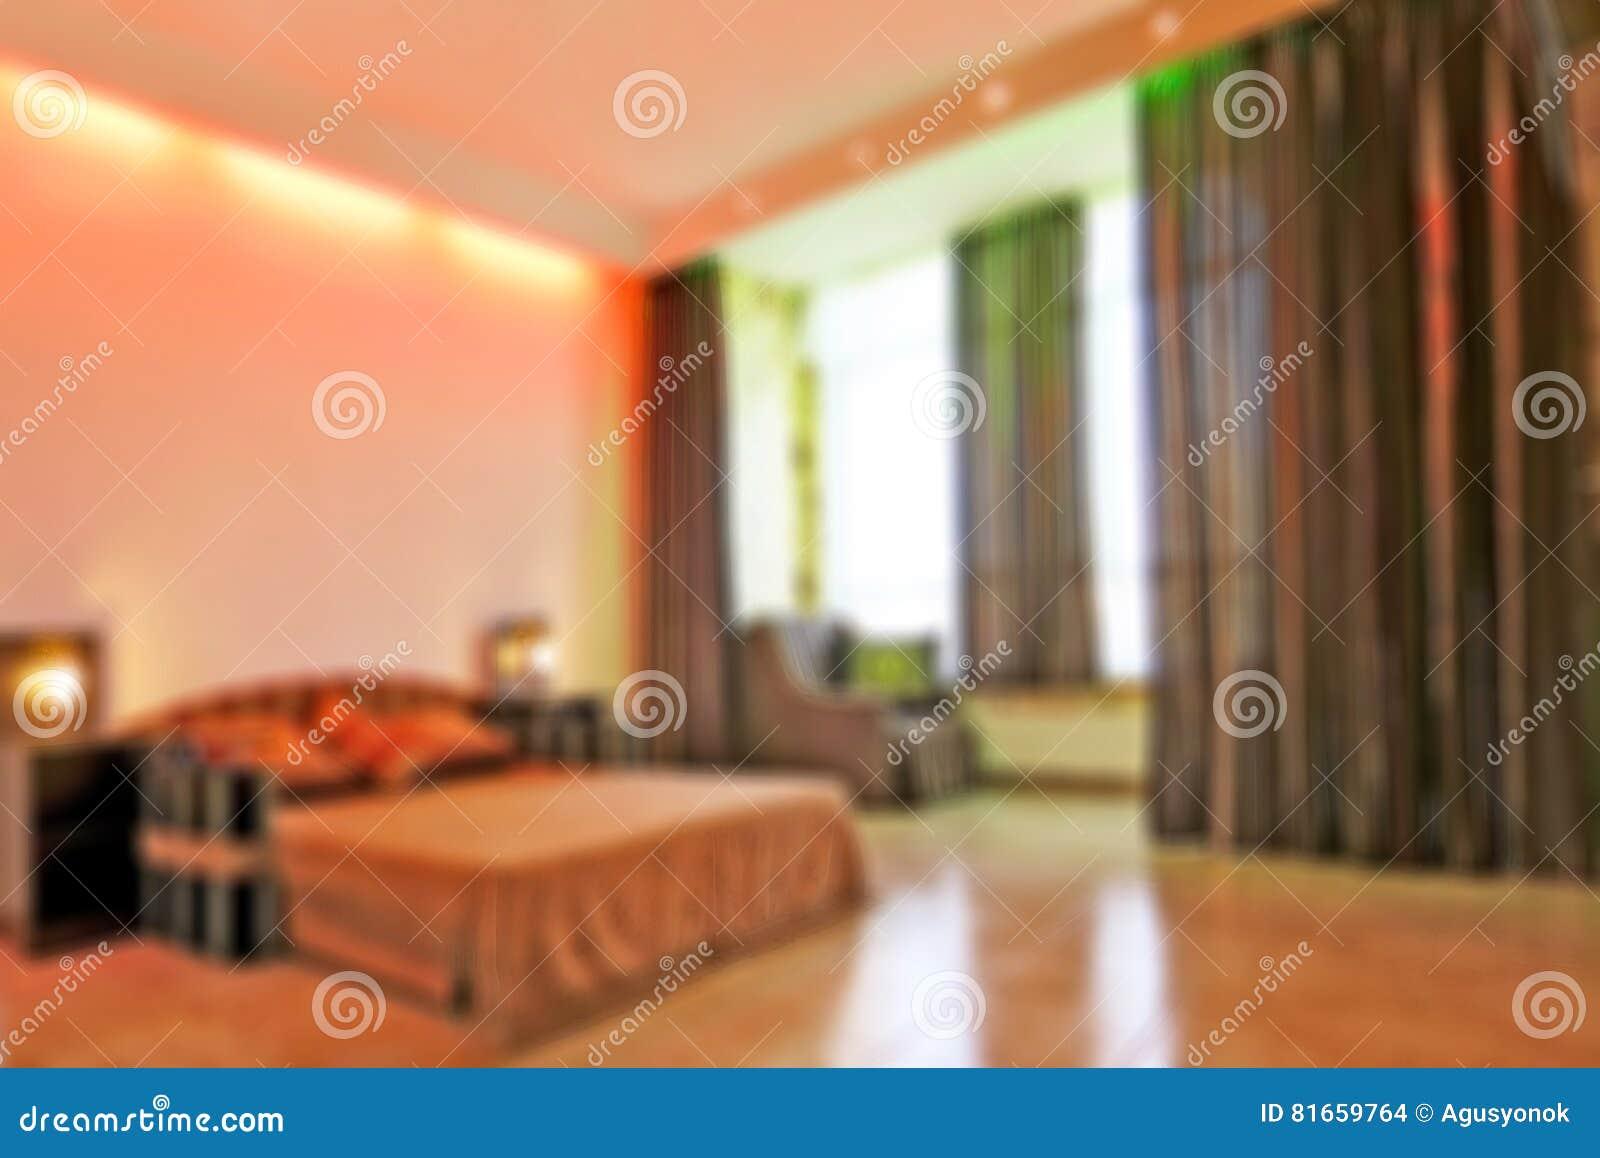 Immagine vaga estratto stanze residenziali interne del for Mobilia bedroom